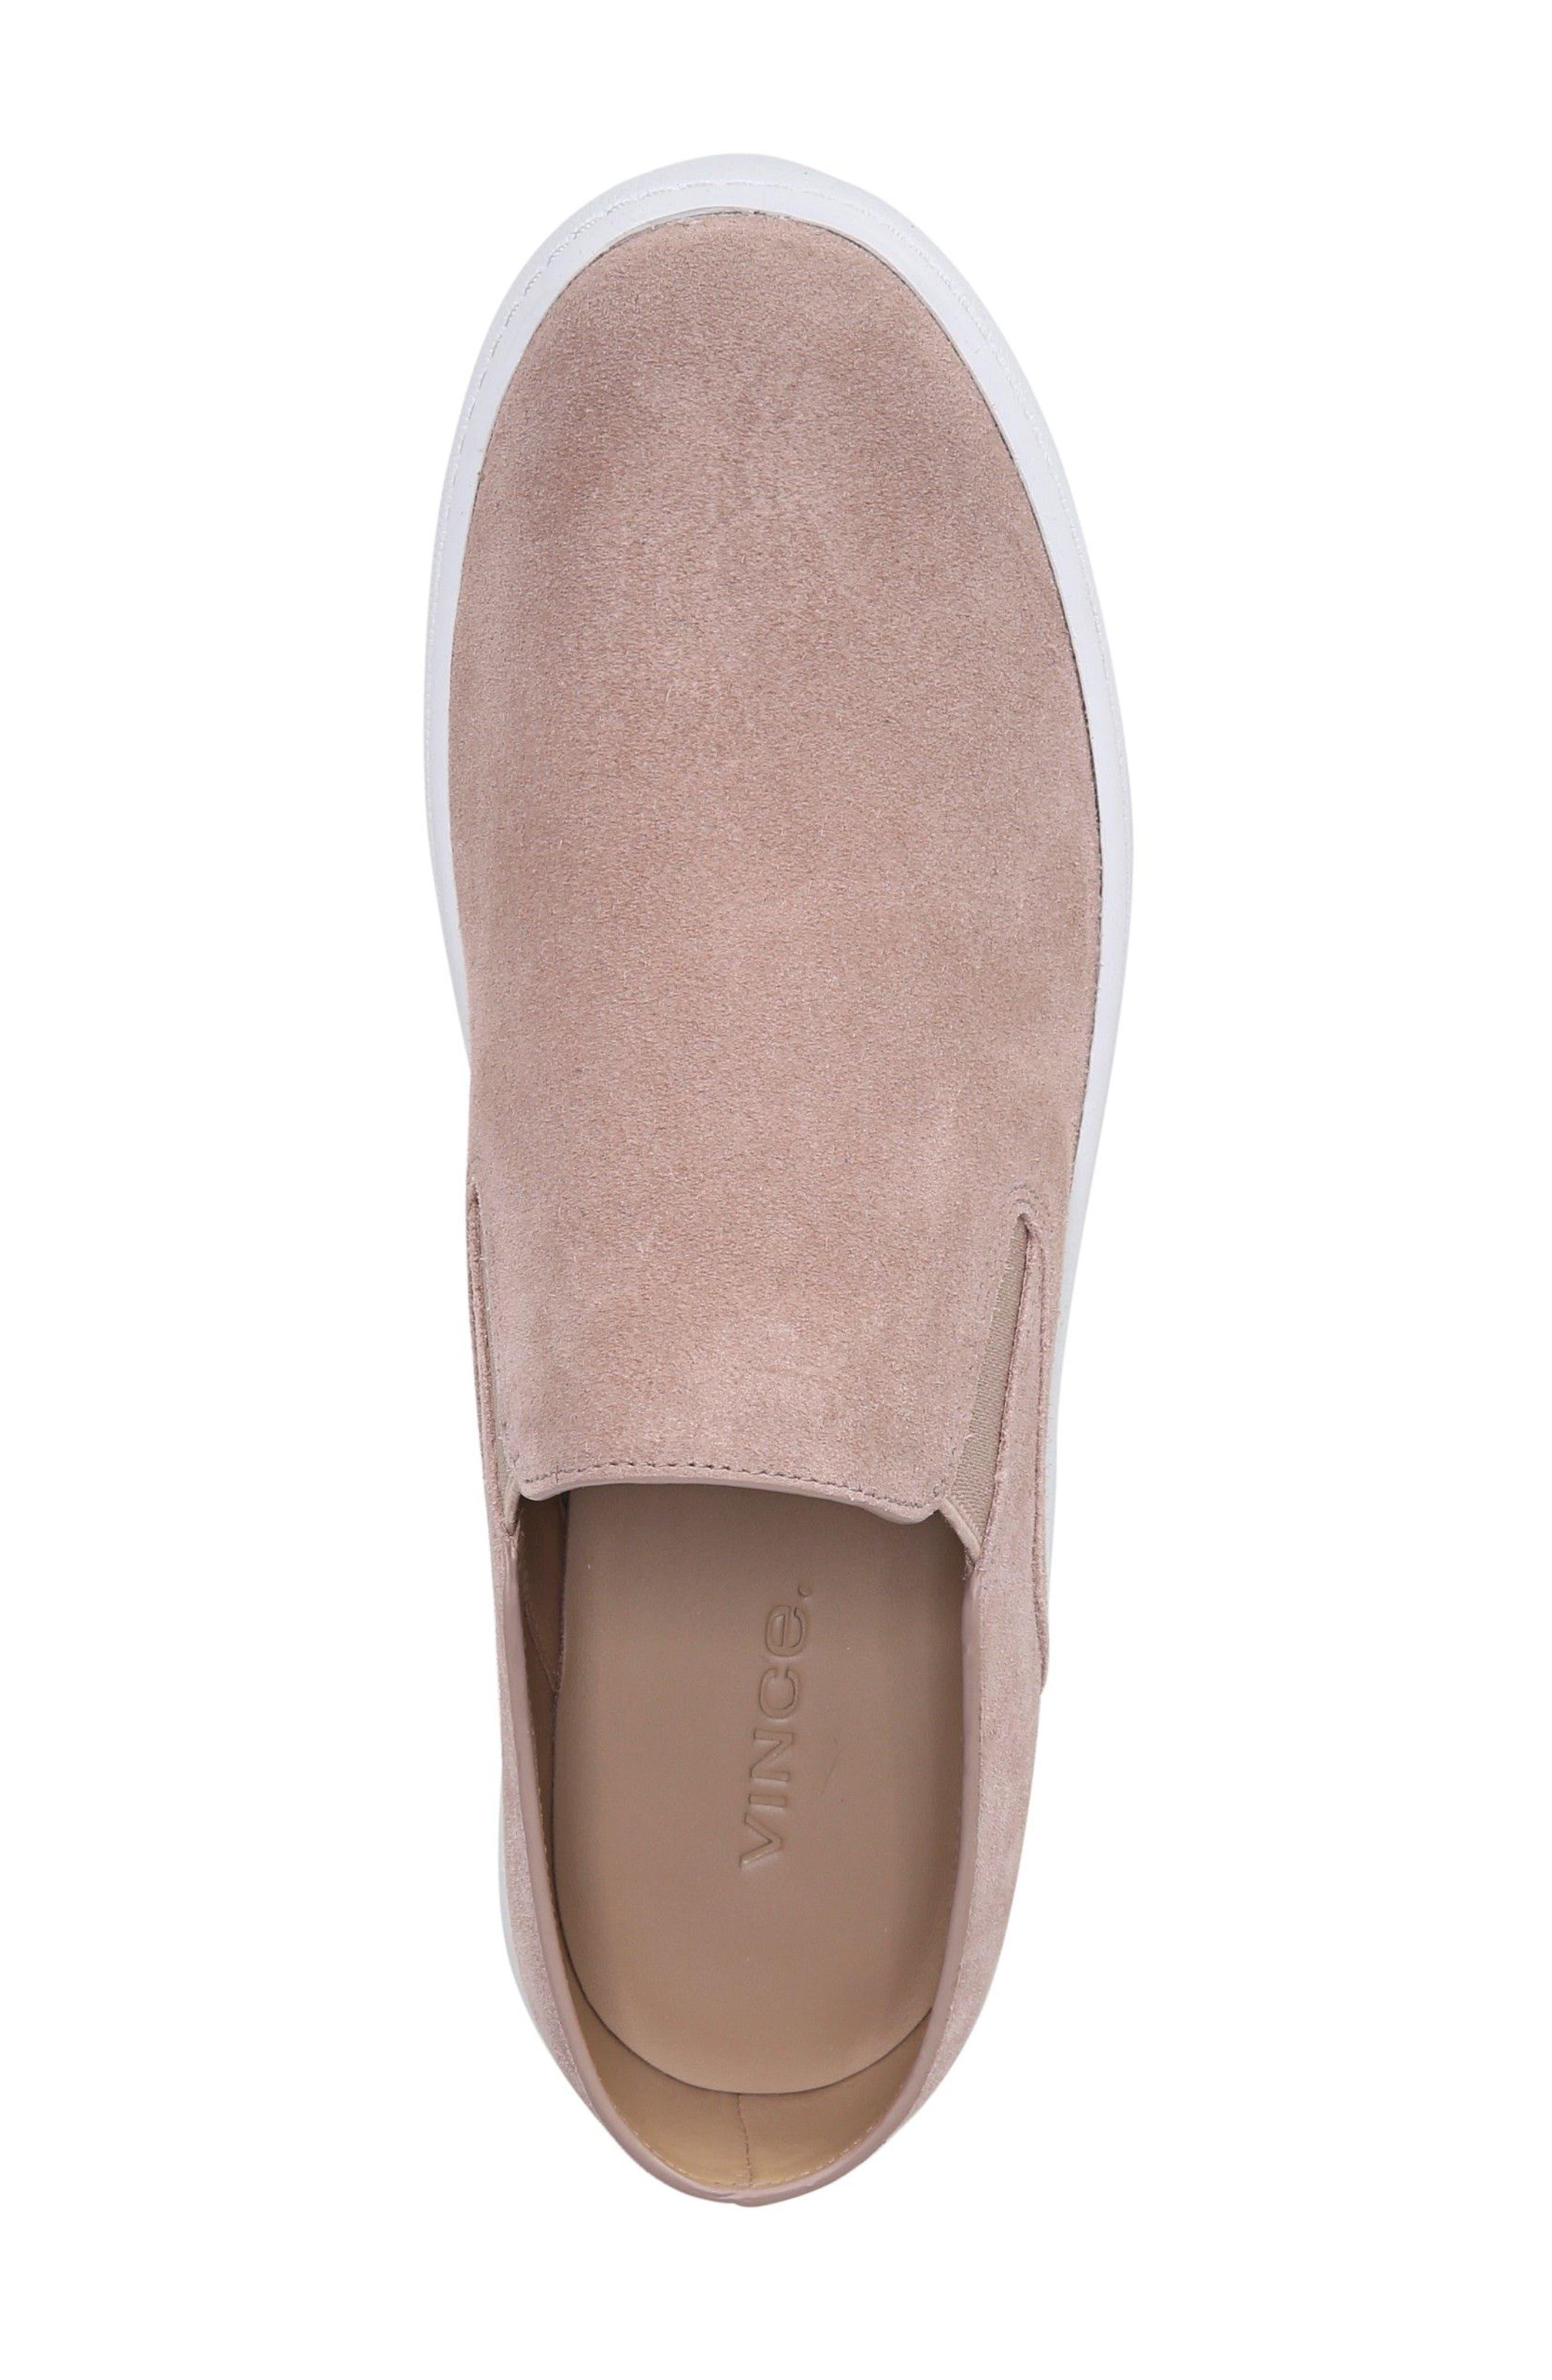 Verrell Slip-On Sneaker,                             Alternate thumbnail 5, color,                             023